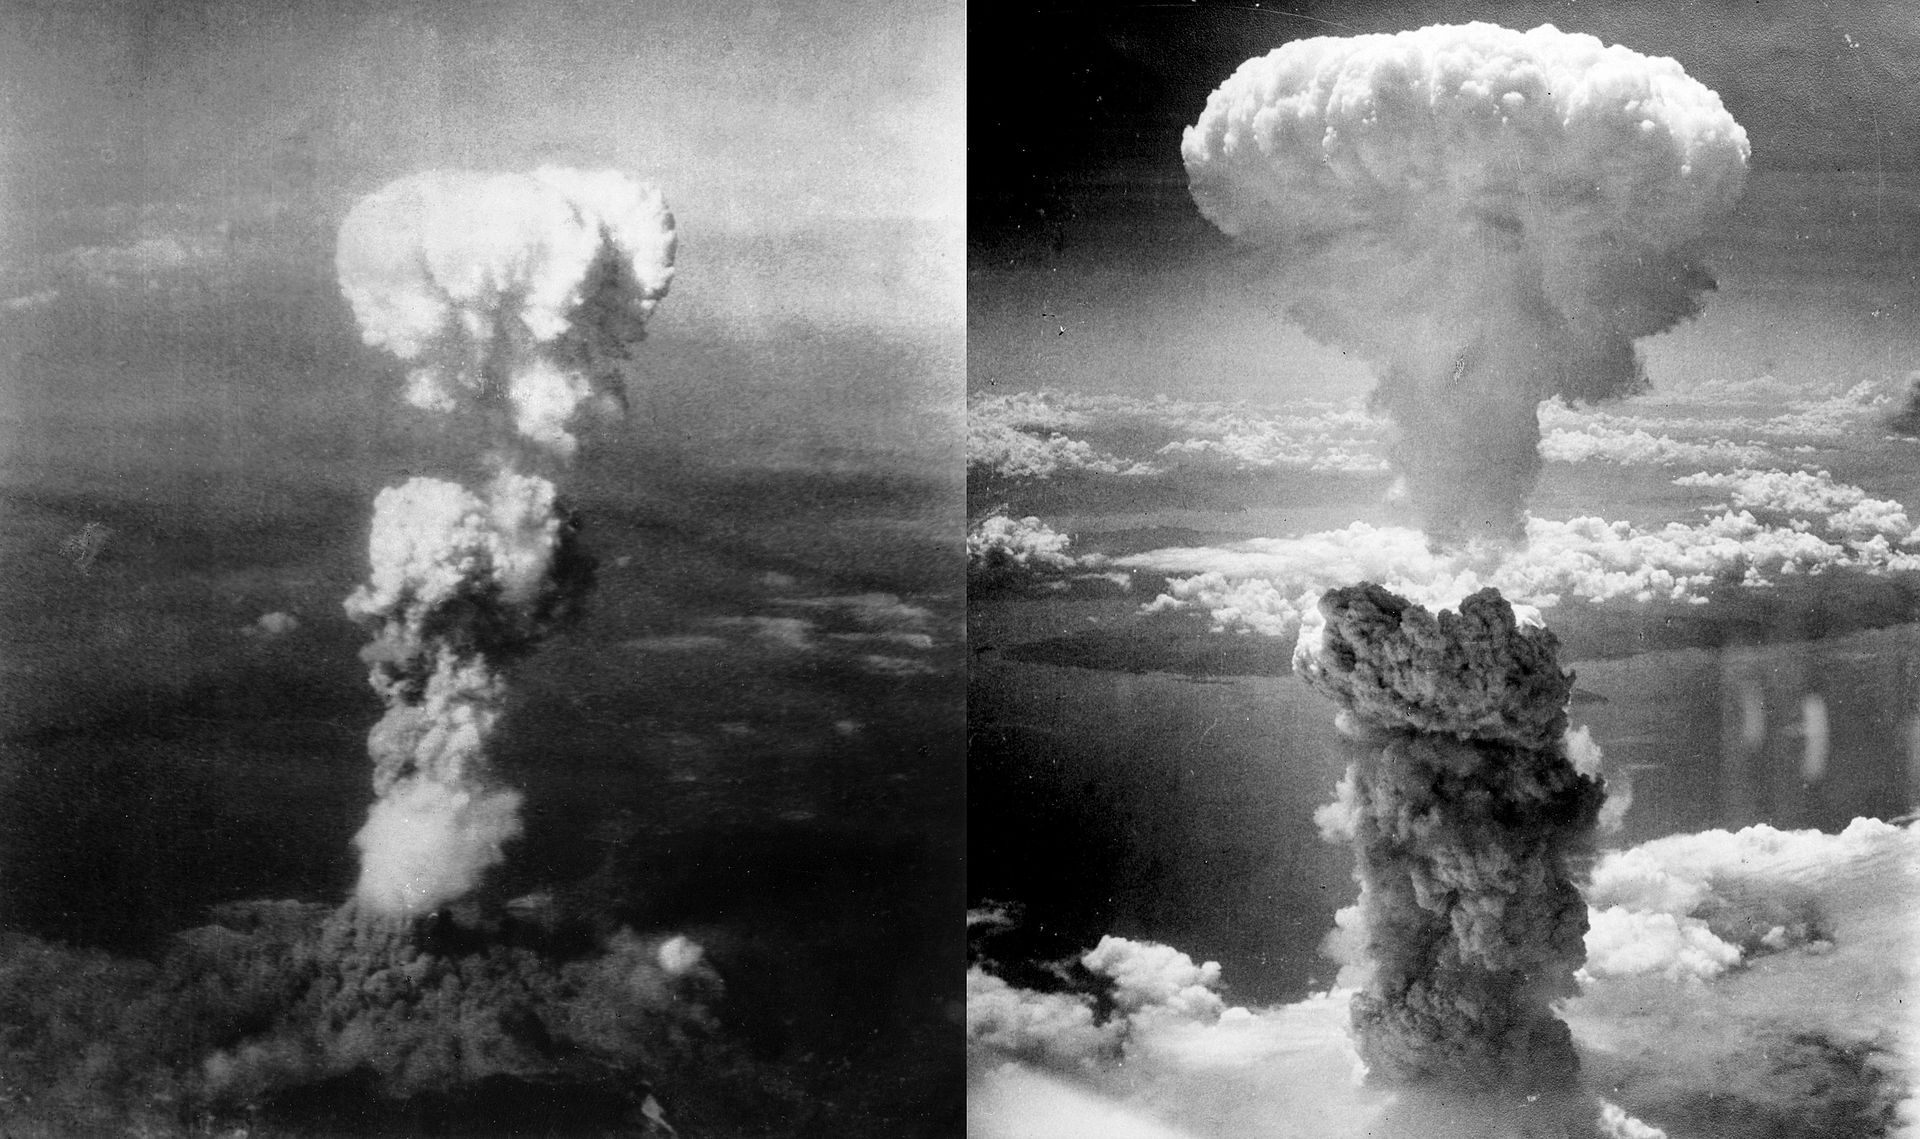 Fotó: Gombafelhő Hirosima (balra) és Nagaszaki (jobbra) felett, 1945. augusztus 6/9. <br /><br />A légi felvételeket George R. Caron, a bombát Hirosimába szállító Enola Gay nevű repülőgép faroklövésze készítette. A következő hetekben számos helyen megjelentek, például a Life 1945. augusztus 20-i számában. Noha sokan ekkor látták először a 6000 méterrel a város fölött lebegő magas, boltozatos tetejű felhőt, a hirosimai képek alig emlékeztettek az atomkorszak jelképévé vált gomba alakú felhőre.